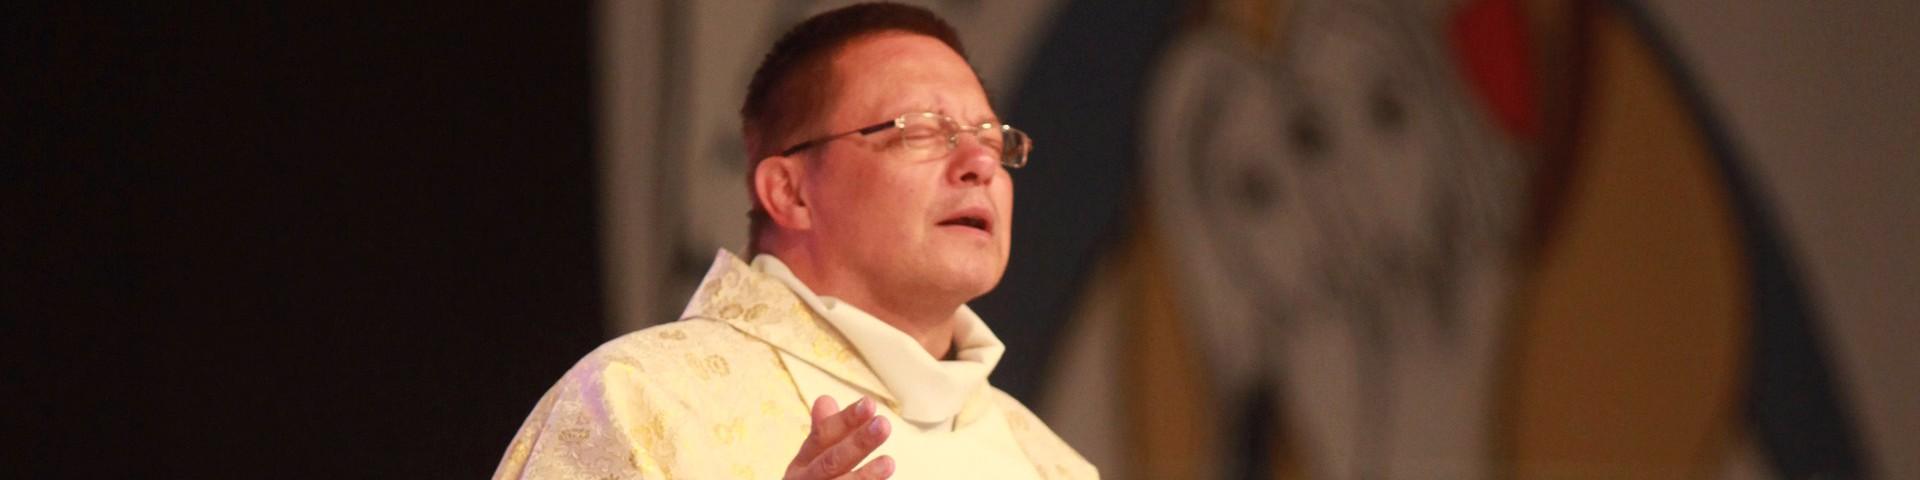 Abp Ryś: Bierzmowanie to sakrament inicjacji a nie dojrzałości